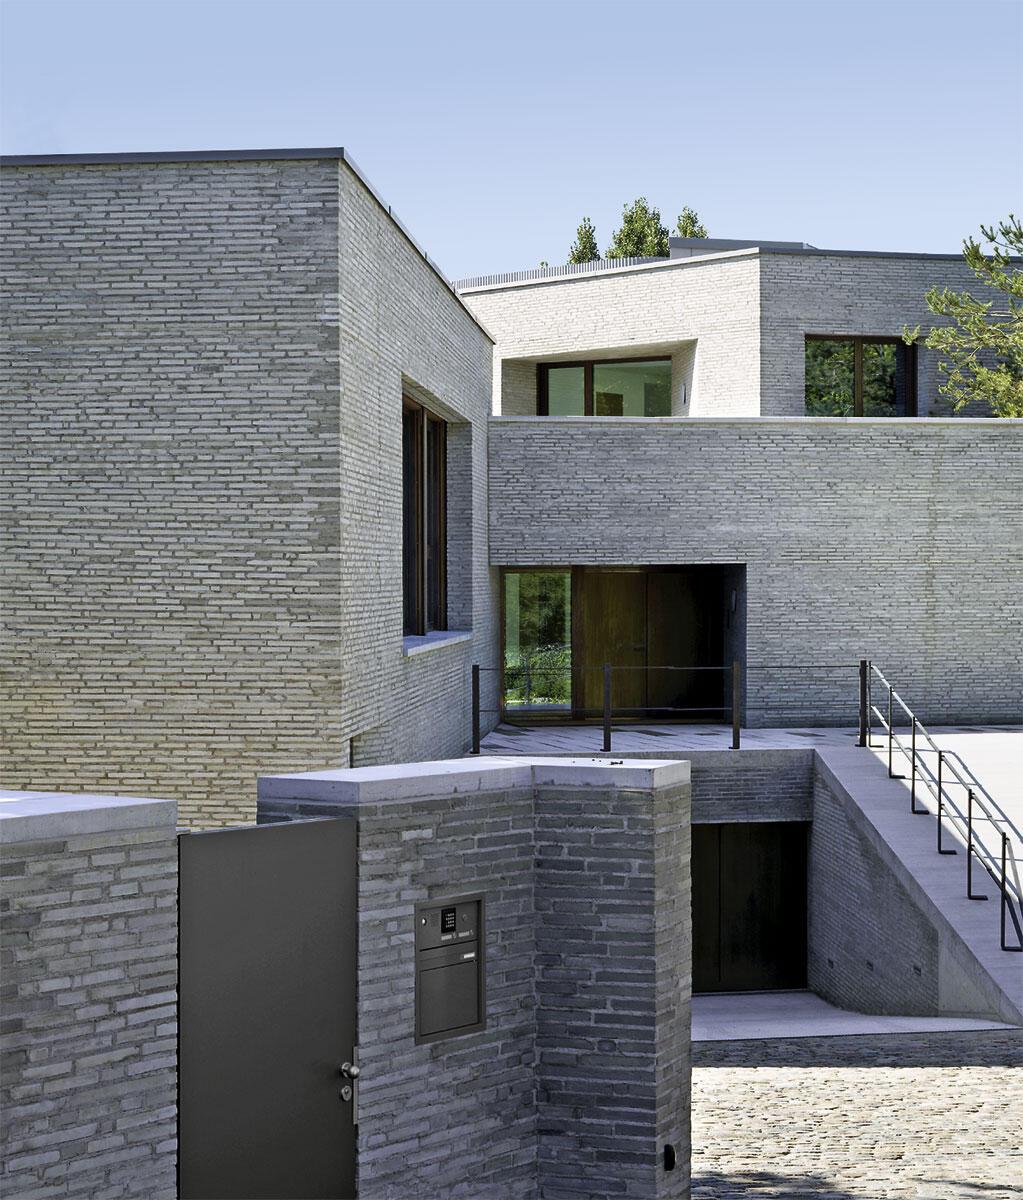 Bewegtes Spiel der Volumen und Niveaus: Eingangspartie mit gleichwertigen Rampen zur Tiefgarage und zum darüber liegenden Haupteingang: Villa in Cologny von Charles Pictet.